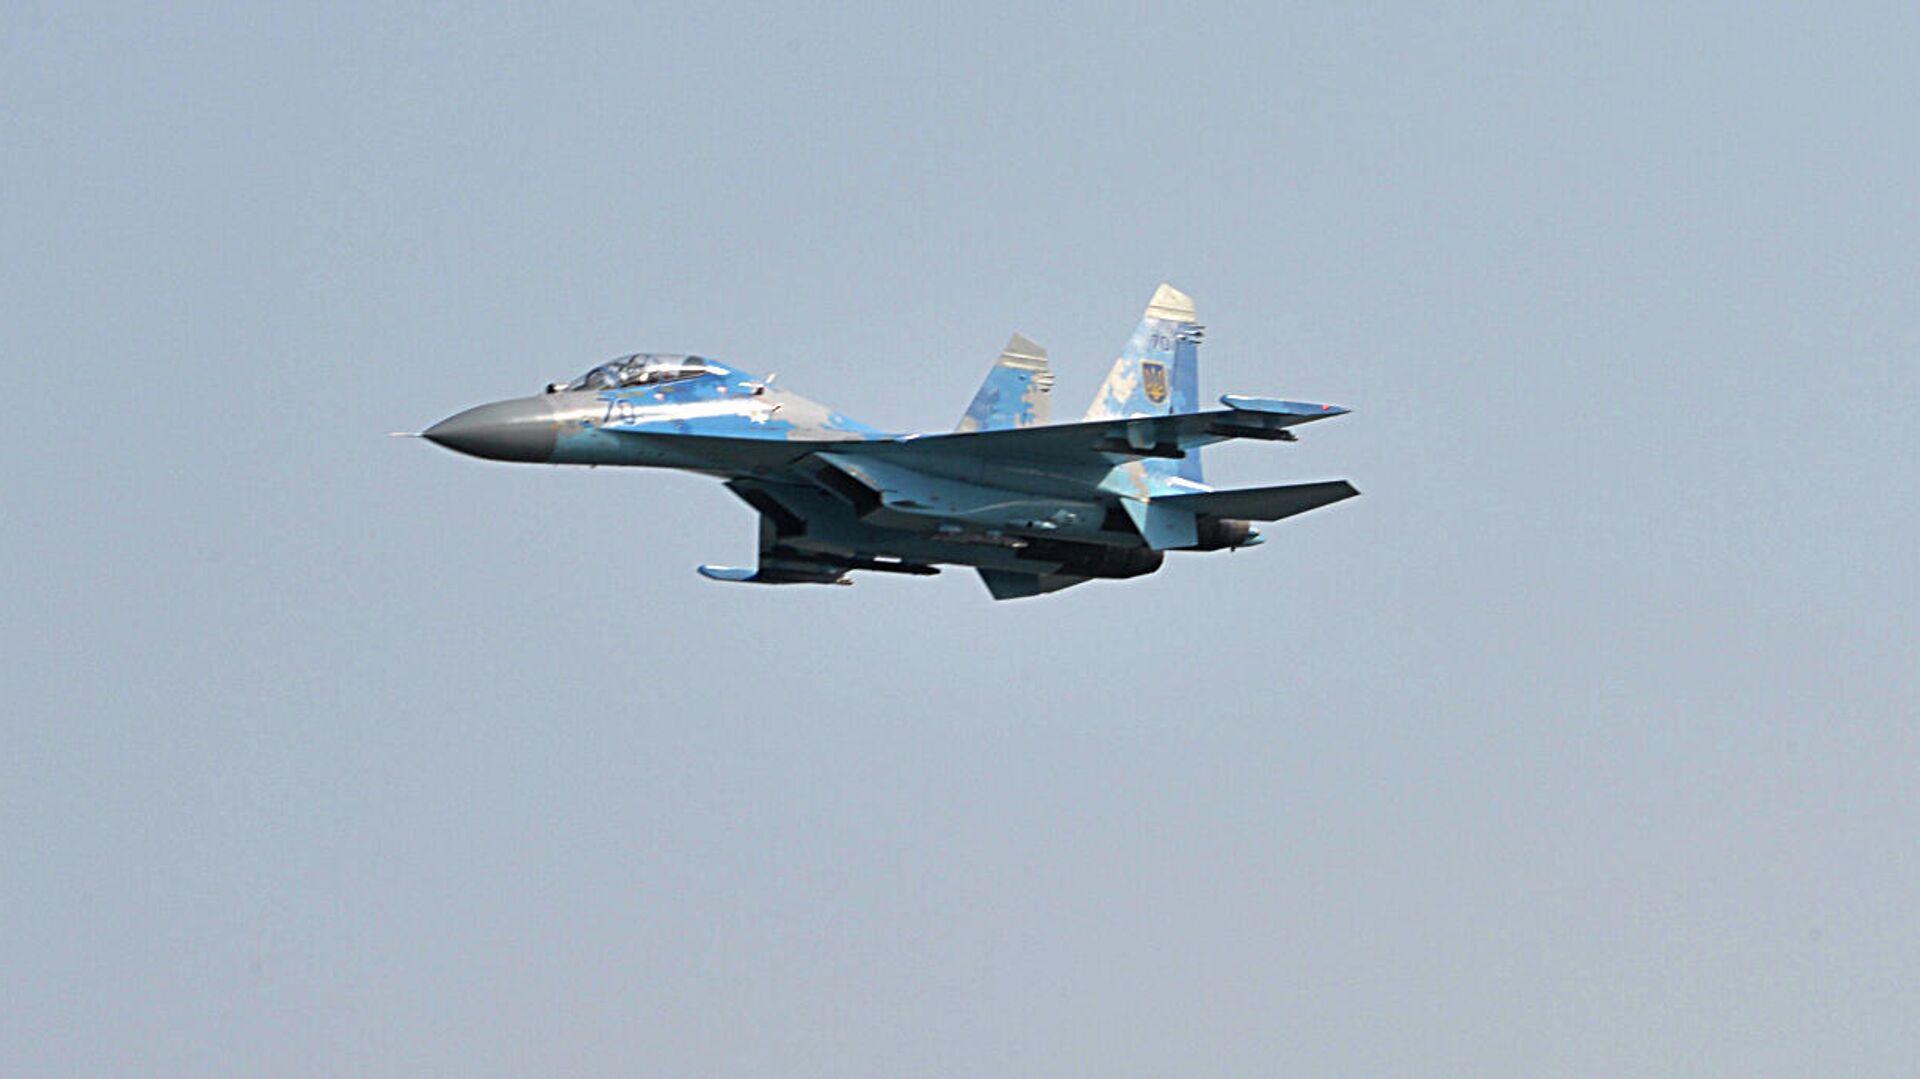 Украинский истребитель Су-27 во время учений Чистое небо - 2018 - РИА Новости, 1920, 31.05.2020